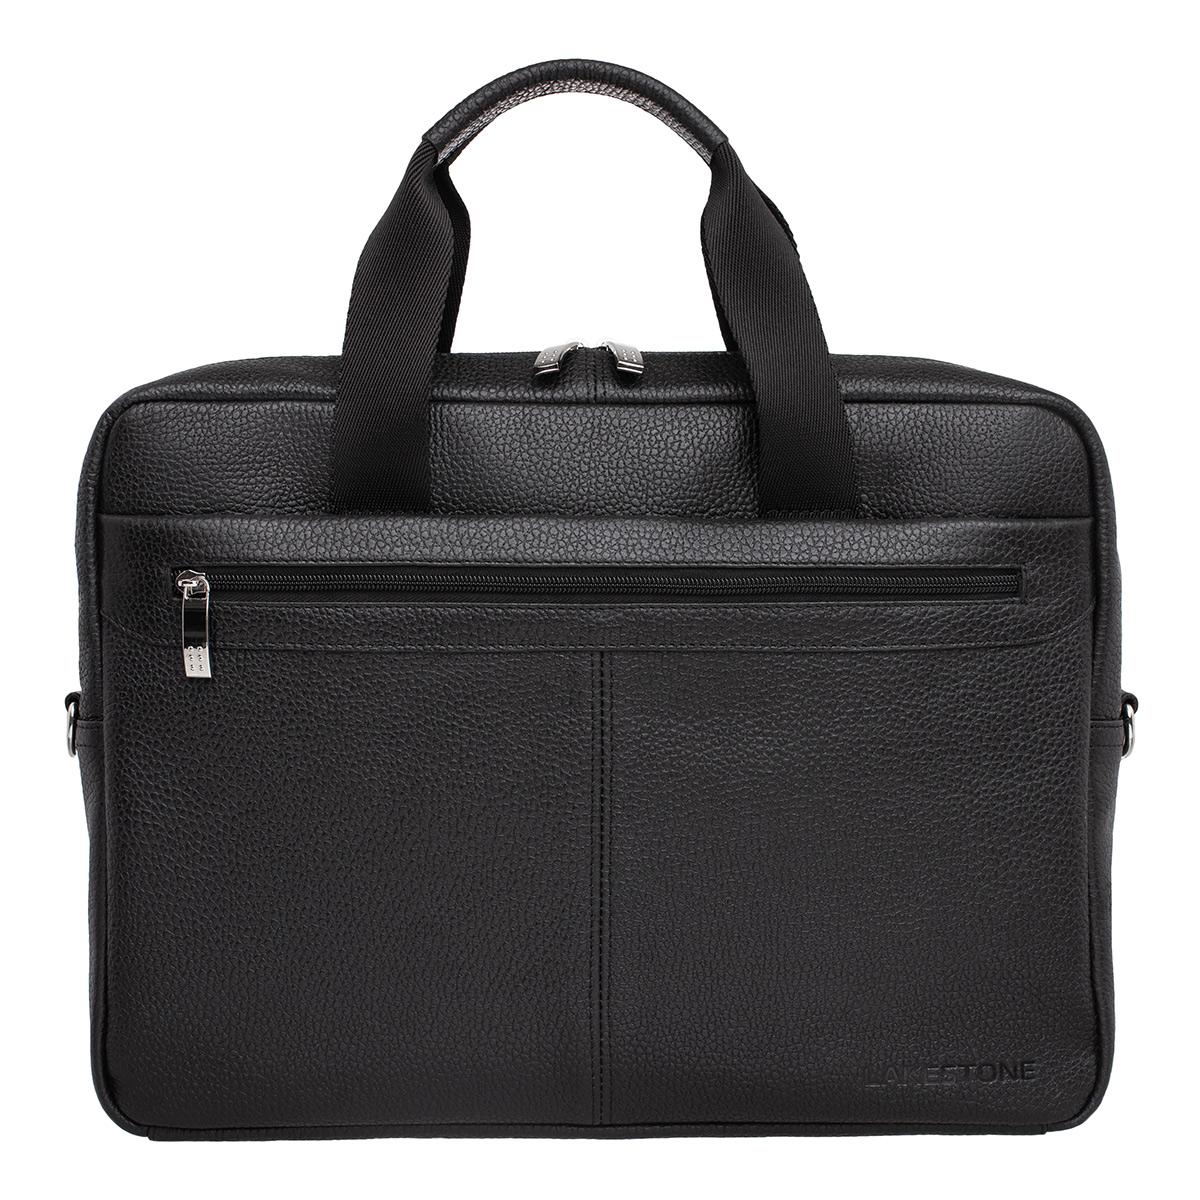 Деловая сумка Copford Black фото